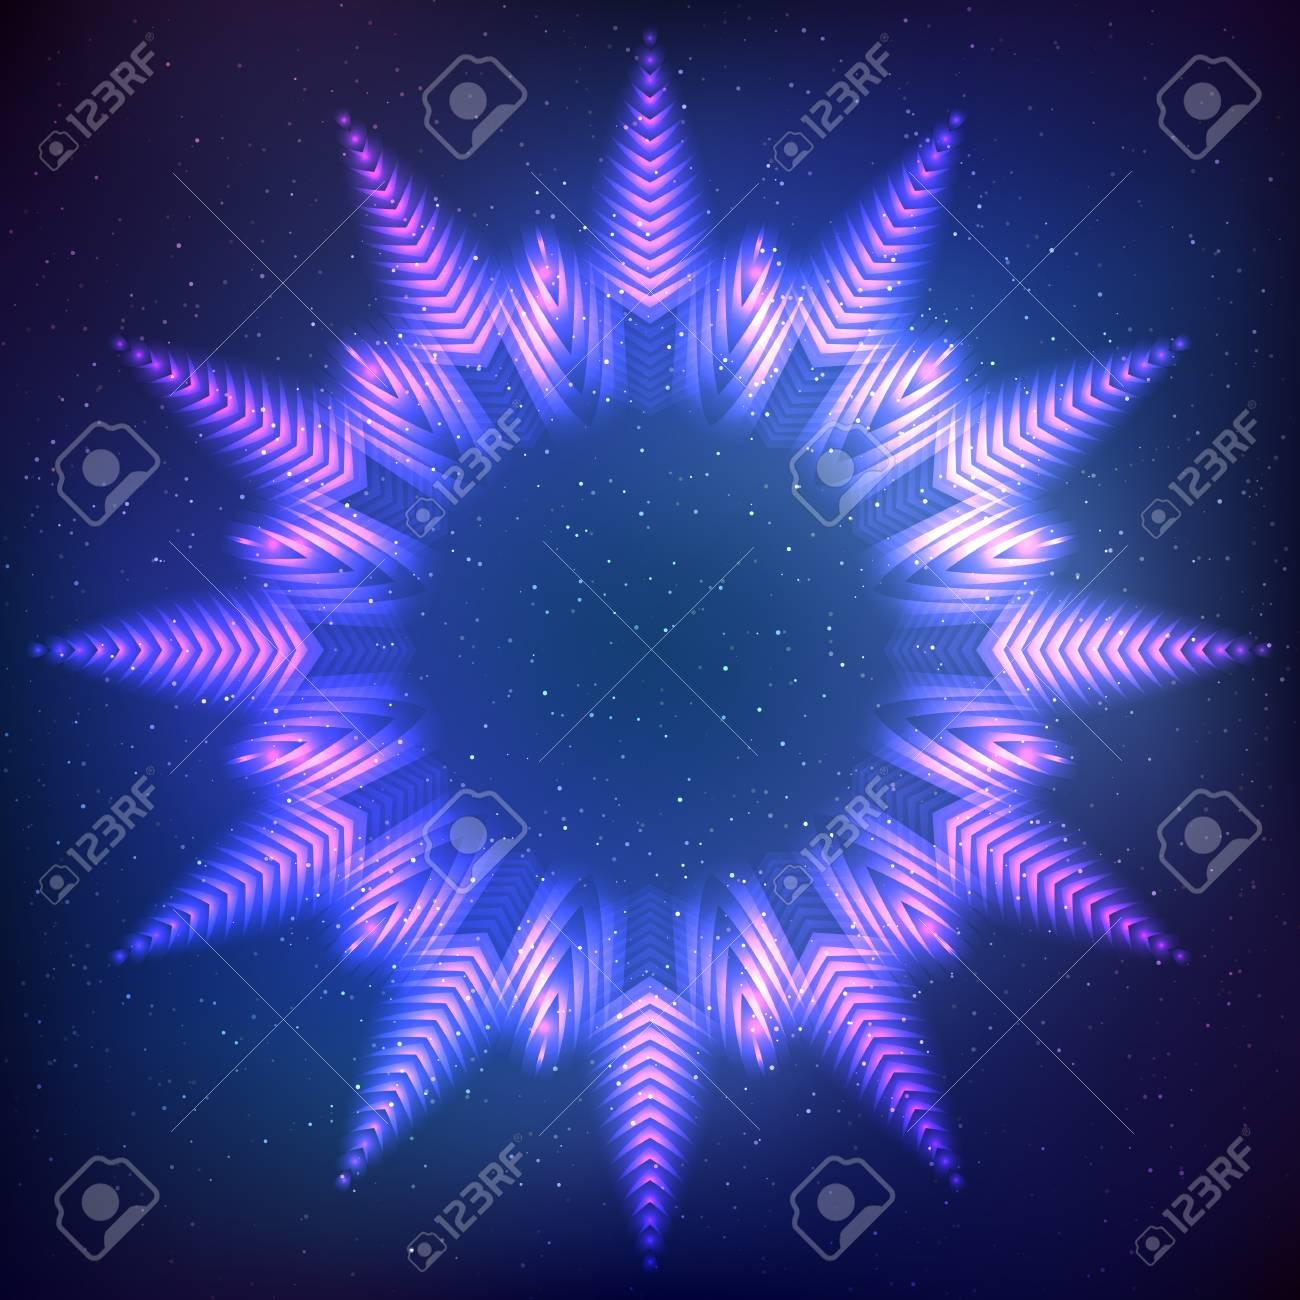 Resumen Estrella Brillante Marco Cósmico Sobre Fondo Azul ...